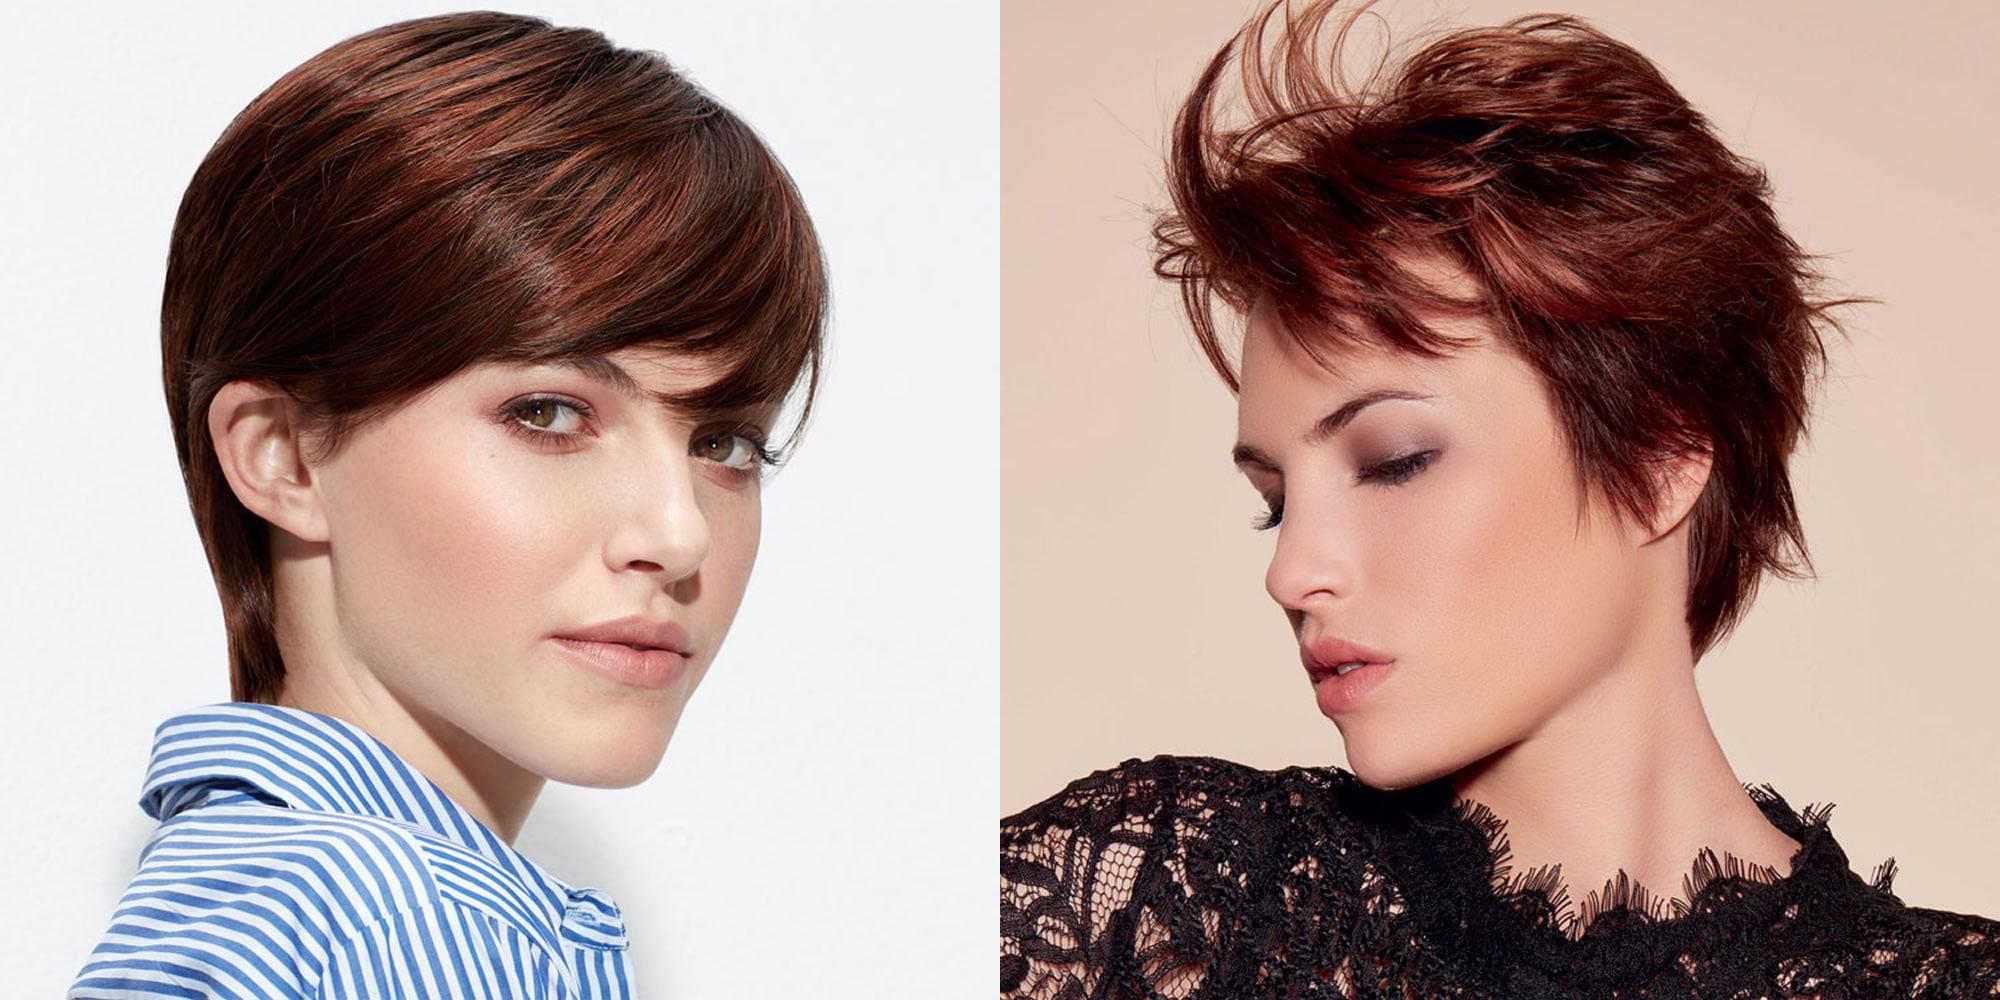 Hair Style Websites: New Haircut Ideas For Short Hair 2018-2019 & Hair Color